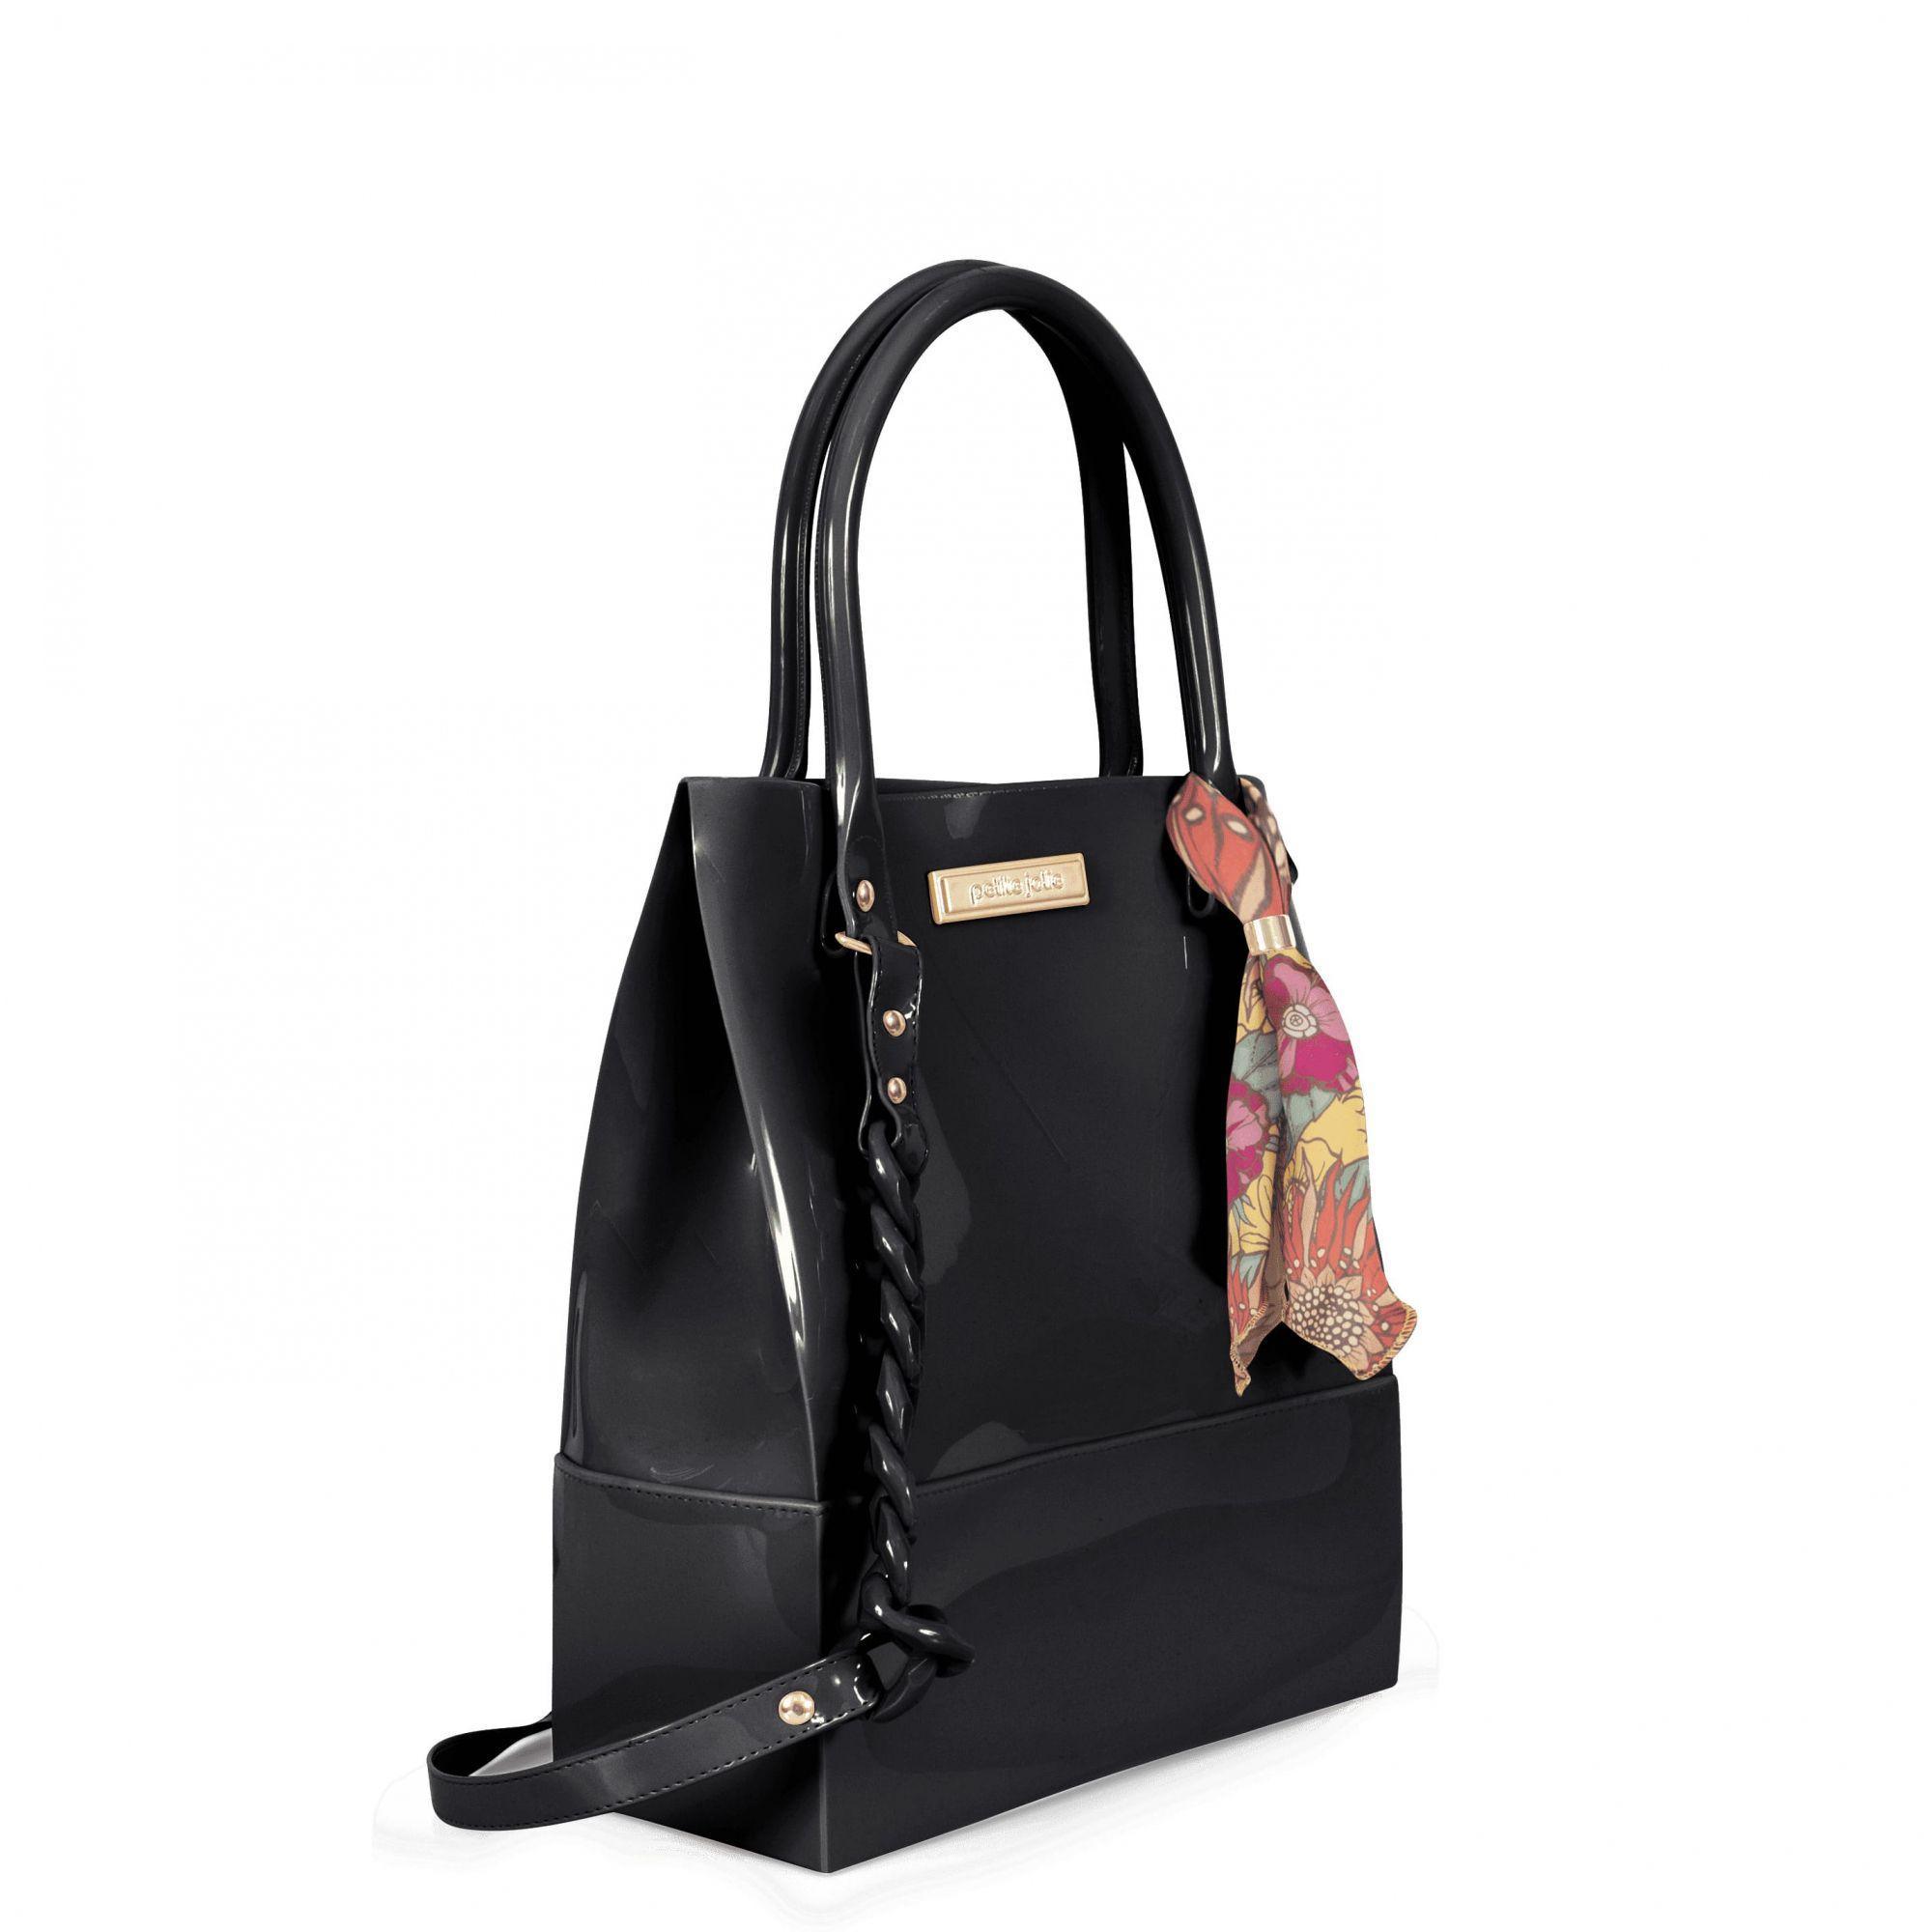 8f2769666 Bolsa Shopper Petite Jolie - Prime Bolsas ...